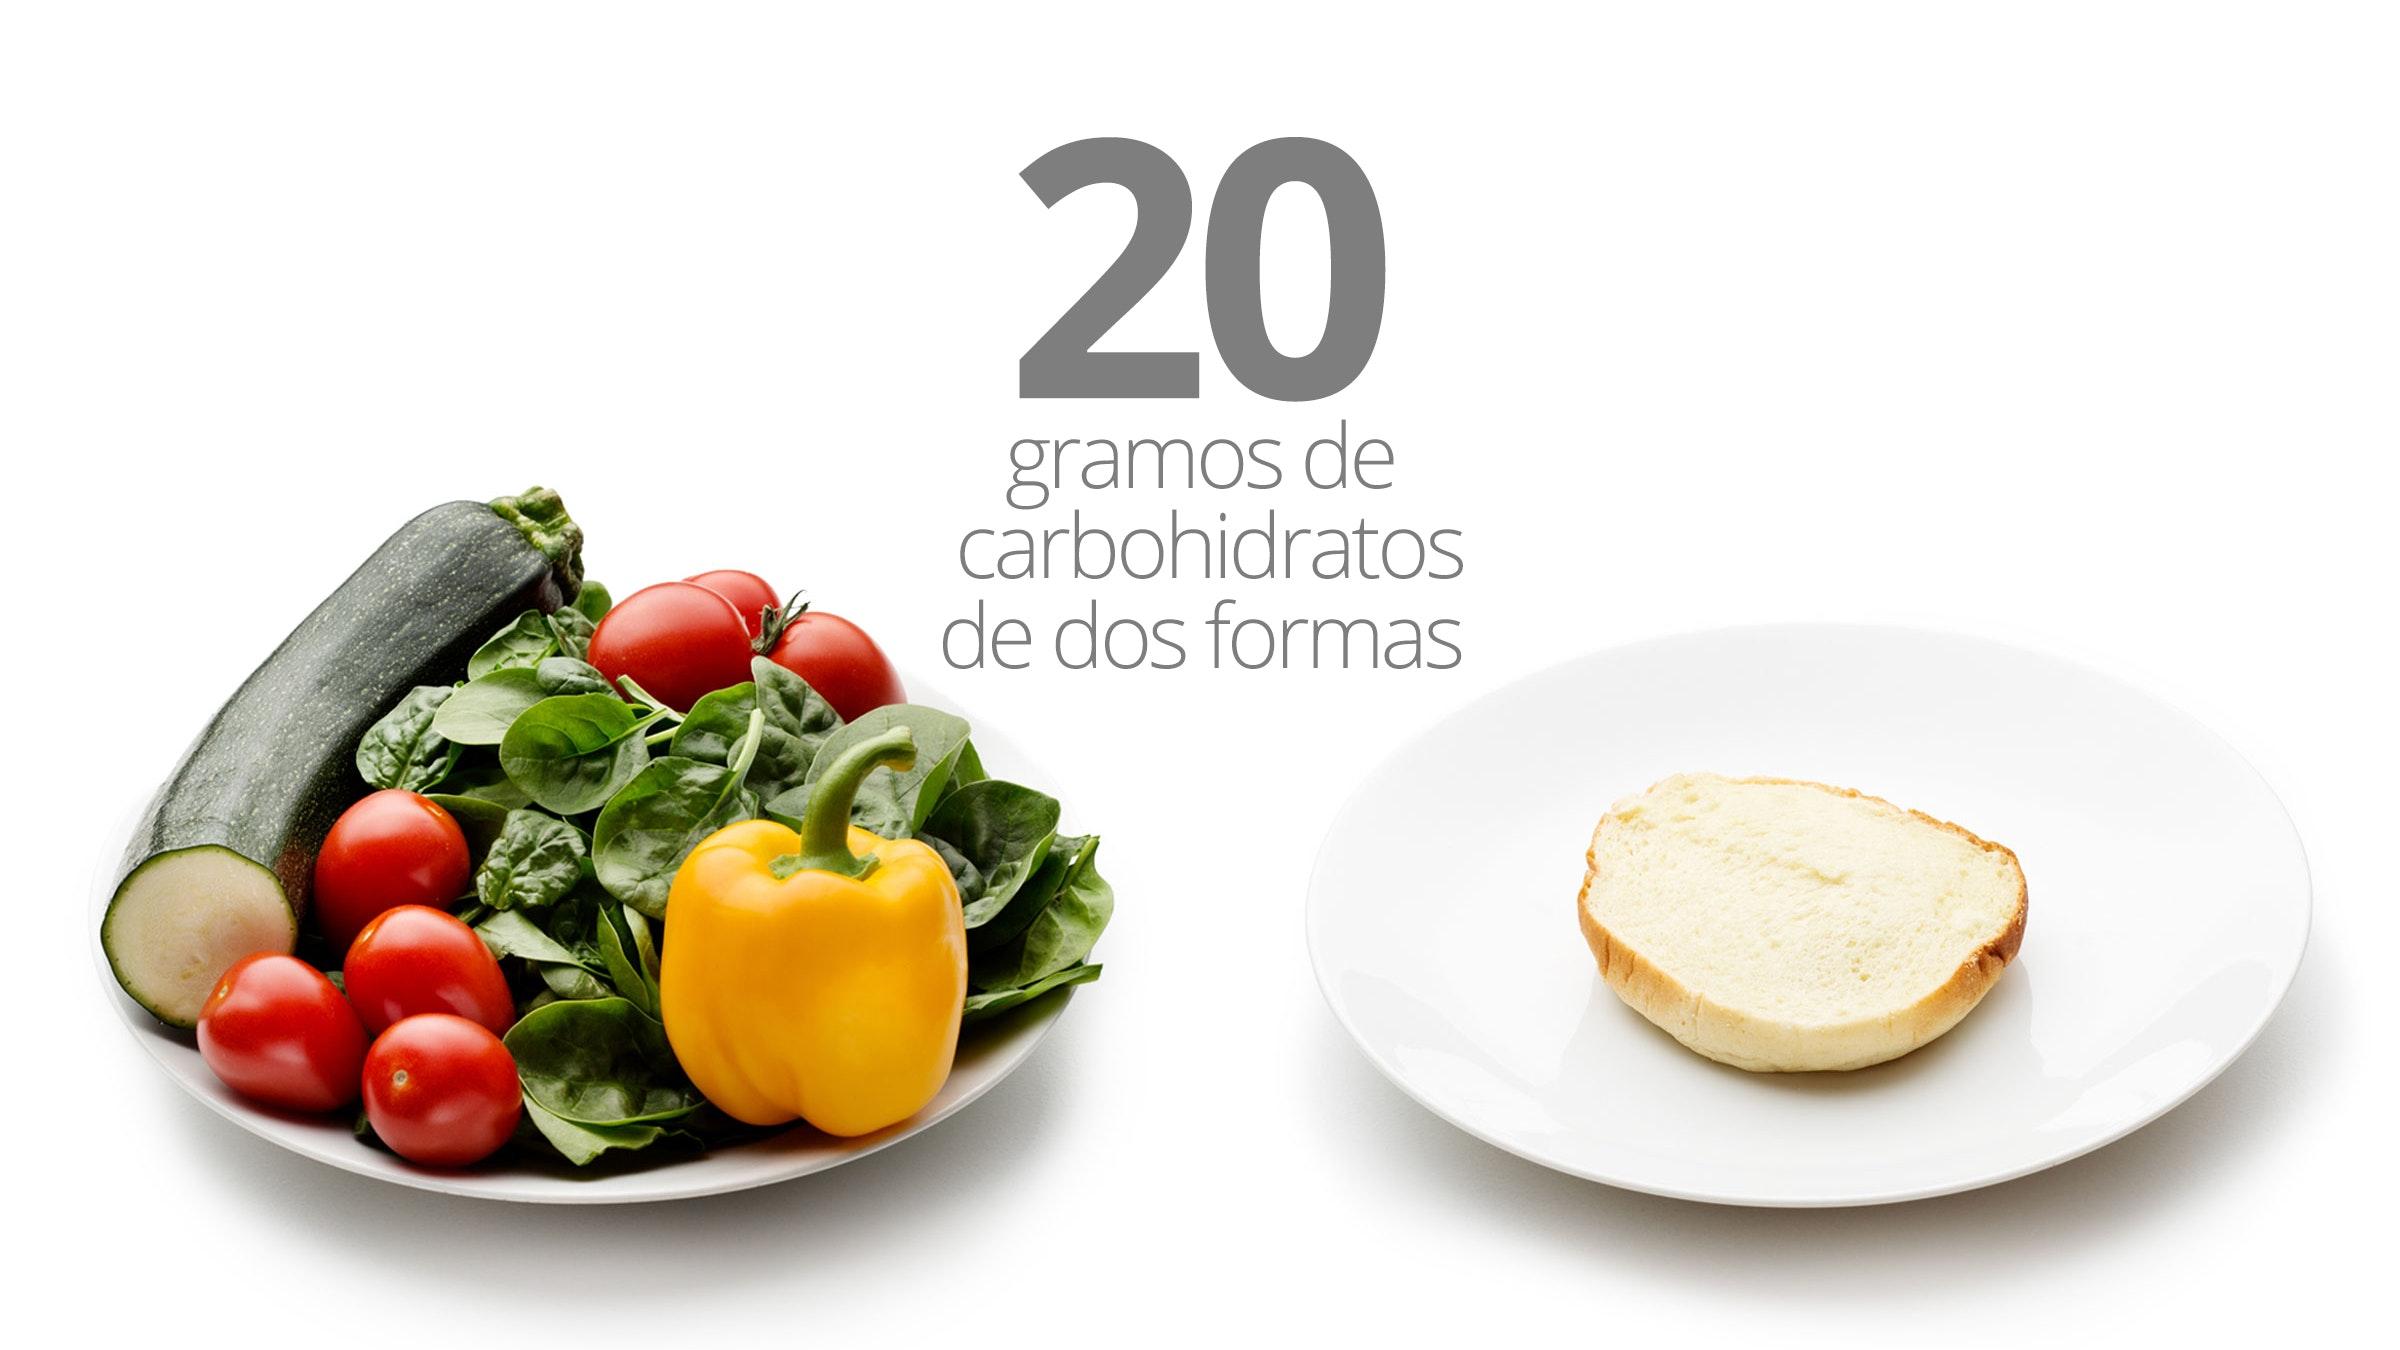 Dieta quiero adelgazar 20 kilos to grams